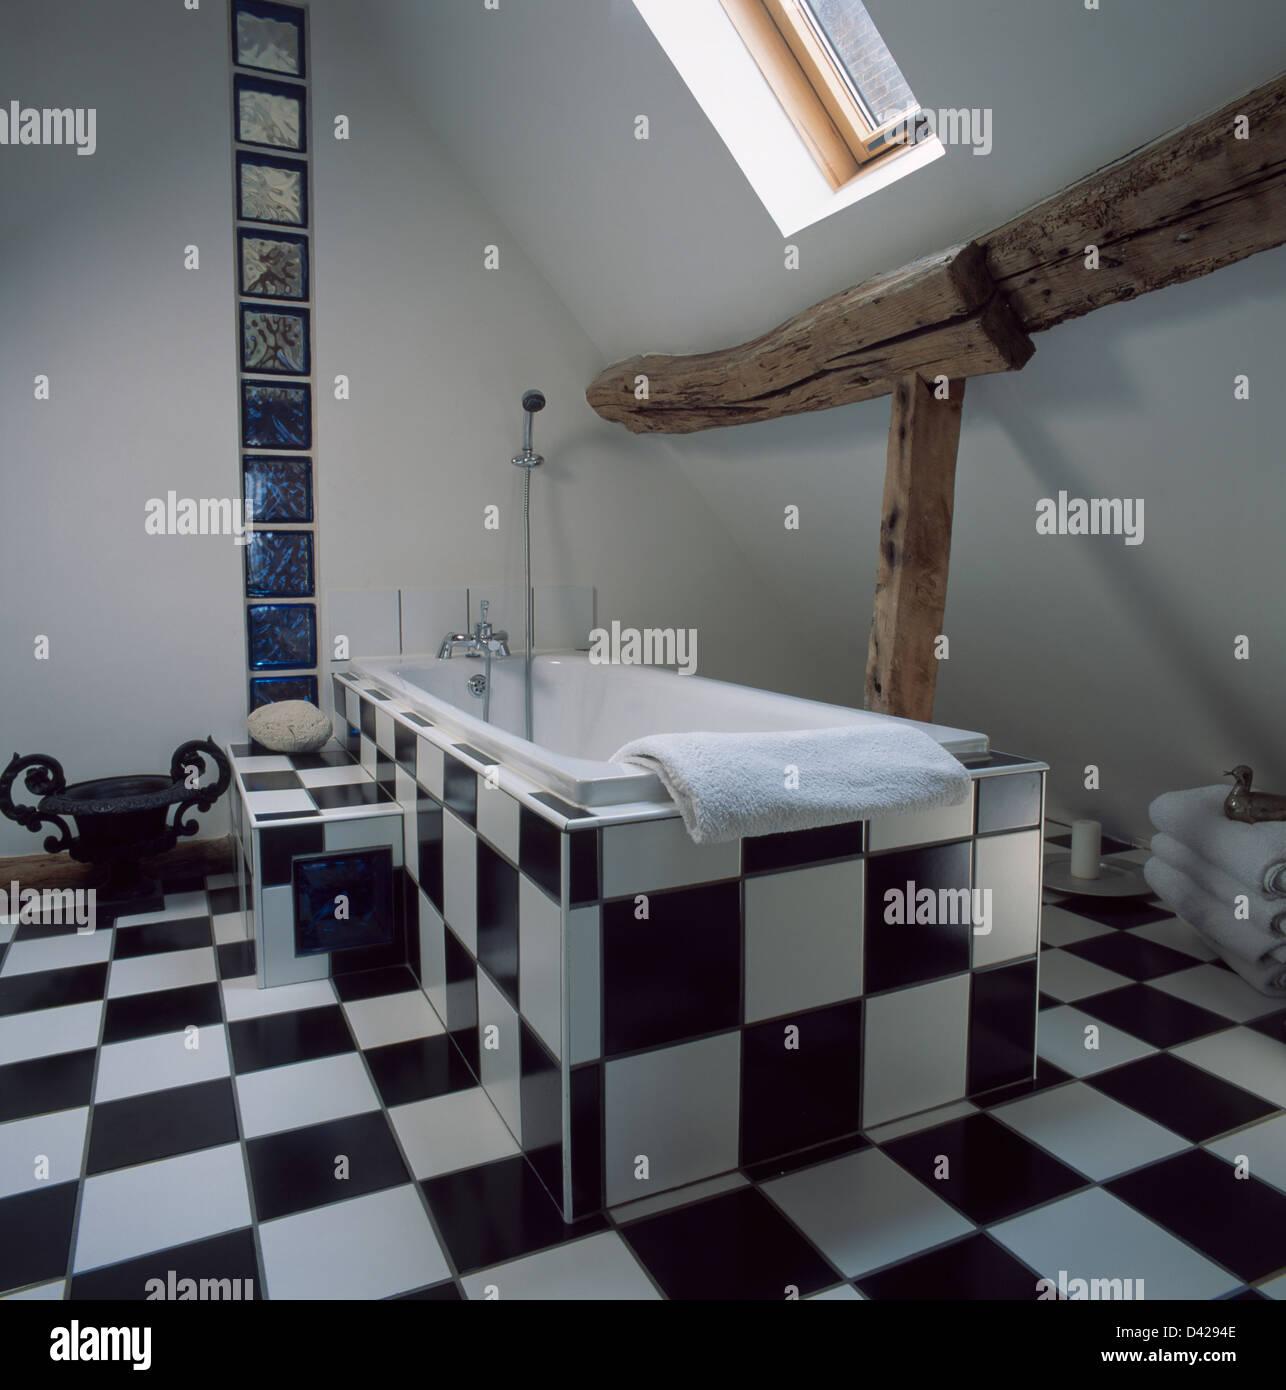 Piastrelle per bagno bianco nero bagno mosaico nero good